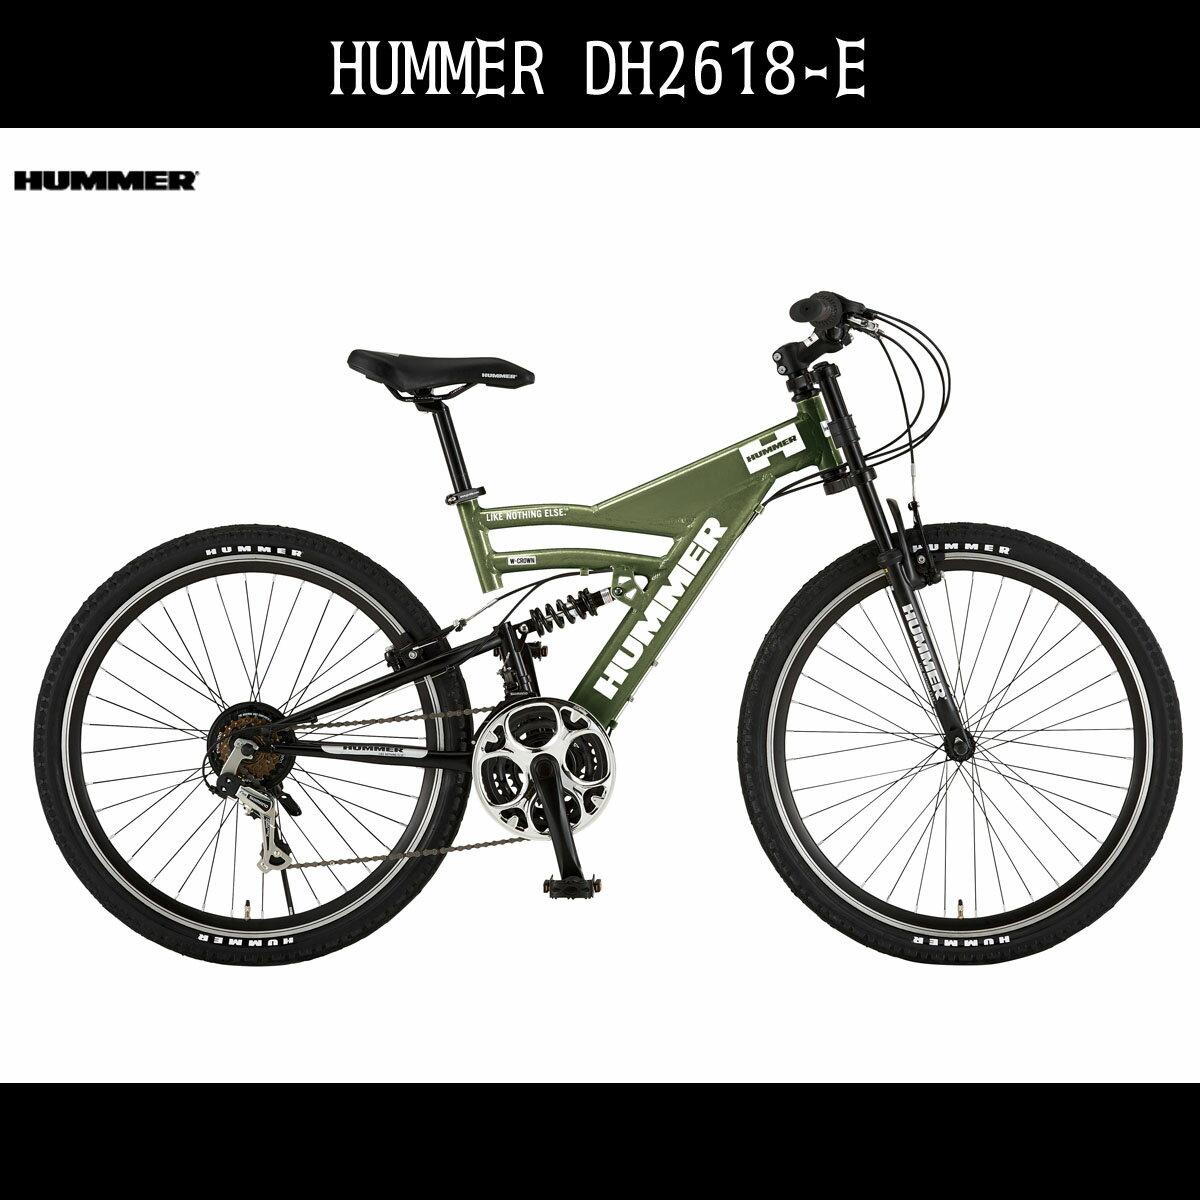 送料無料 マウンテンバイク ハマー(HUMMER) 自転車 グリーン 緑26インチ 自転車 外装18段変速ギア アルミニウム MTB マウンテンバイク ハマー 自転車 DH2618-E アルミニウム 激安 格安 通販 おしゃれ